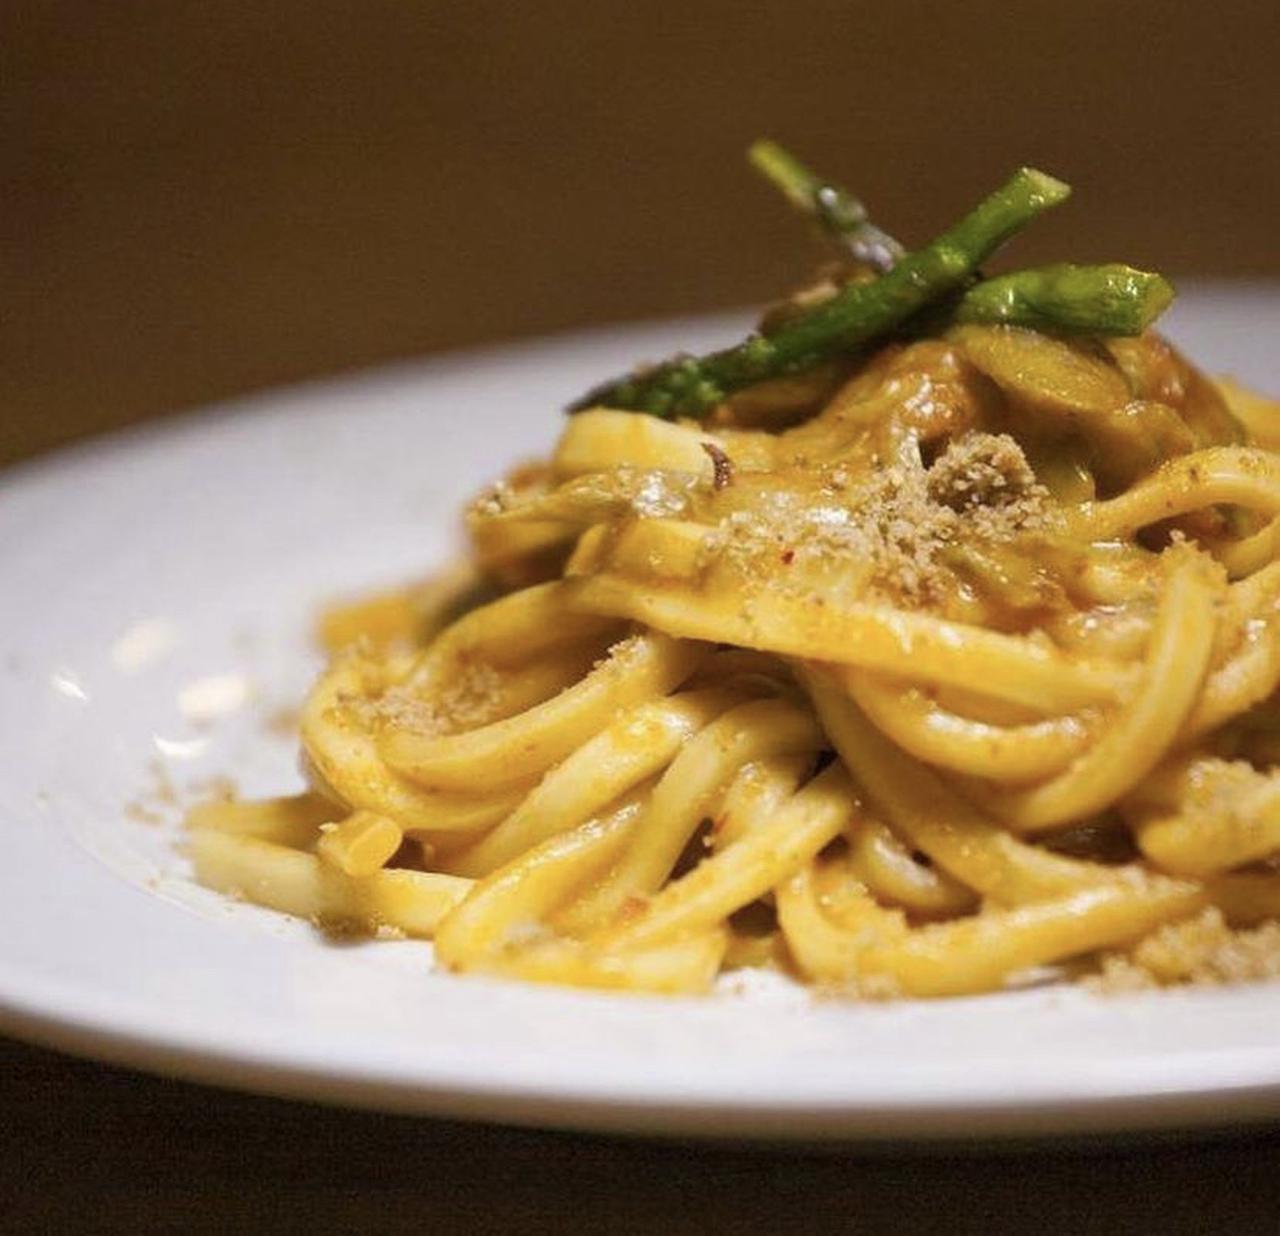 画像4: イタリア王室御用達!世界で愛される大人気の老舗ジェラテリア「Giolitti(ジョリッティ)」のジェラートカフェダイニング「Giolitti Café」